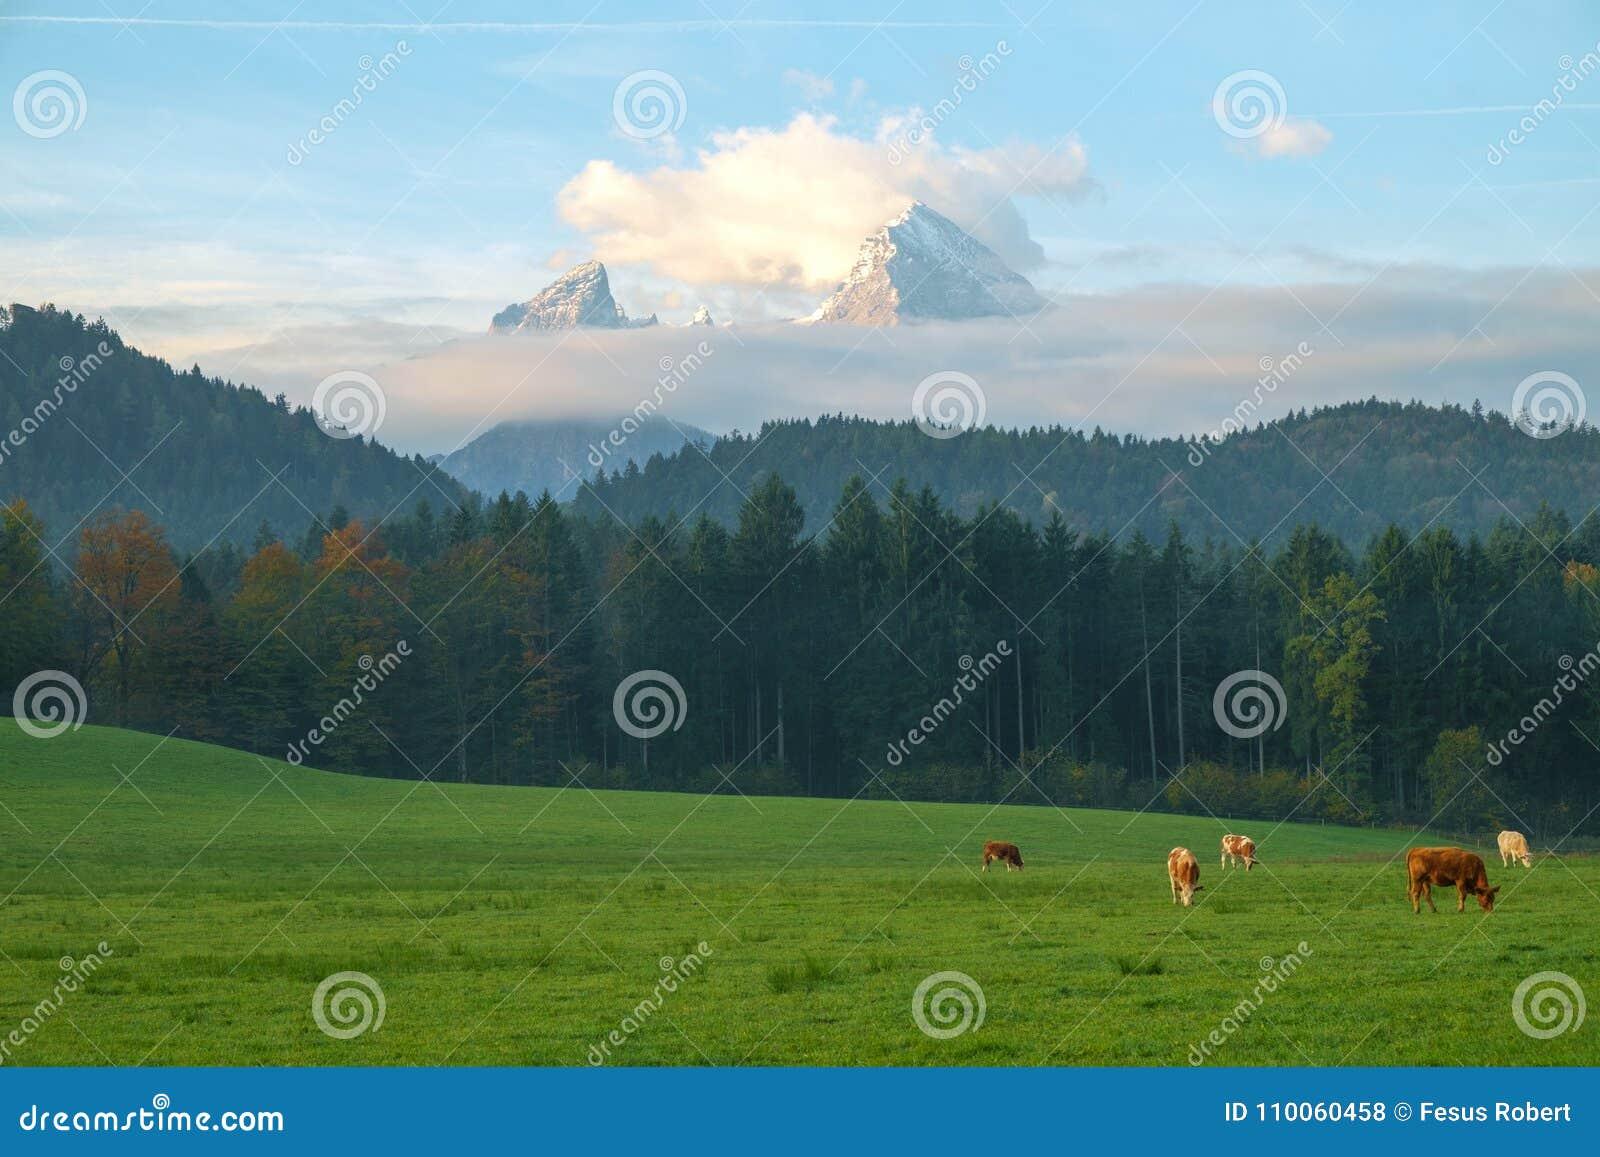 Αγελάδες που βόσκουν σε ένα πράσινο πολύβλαστο λιβάδι